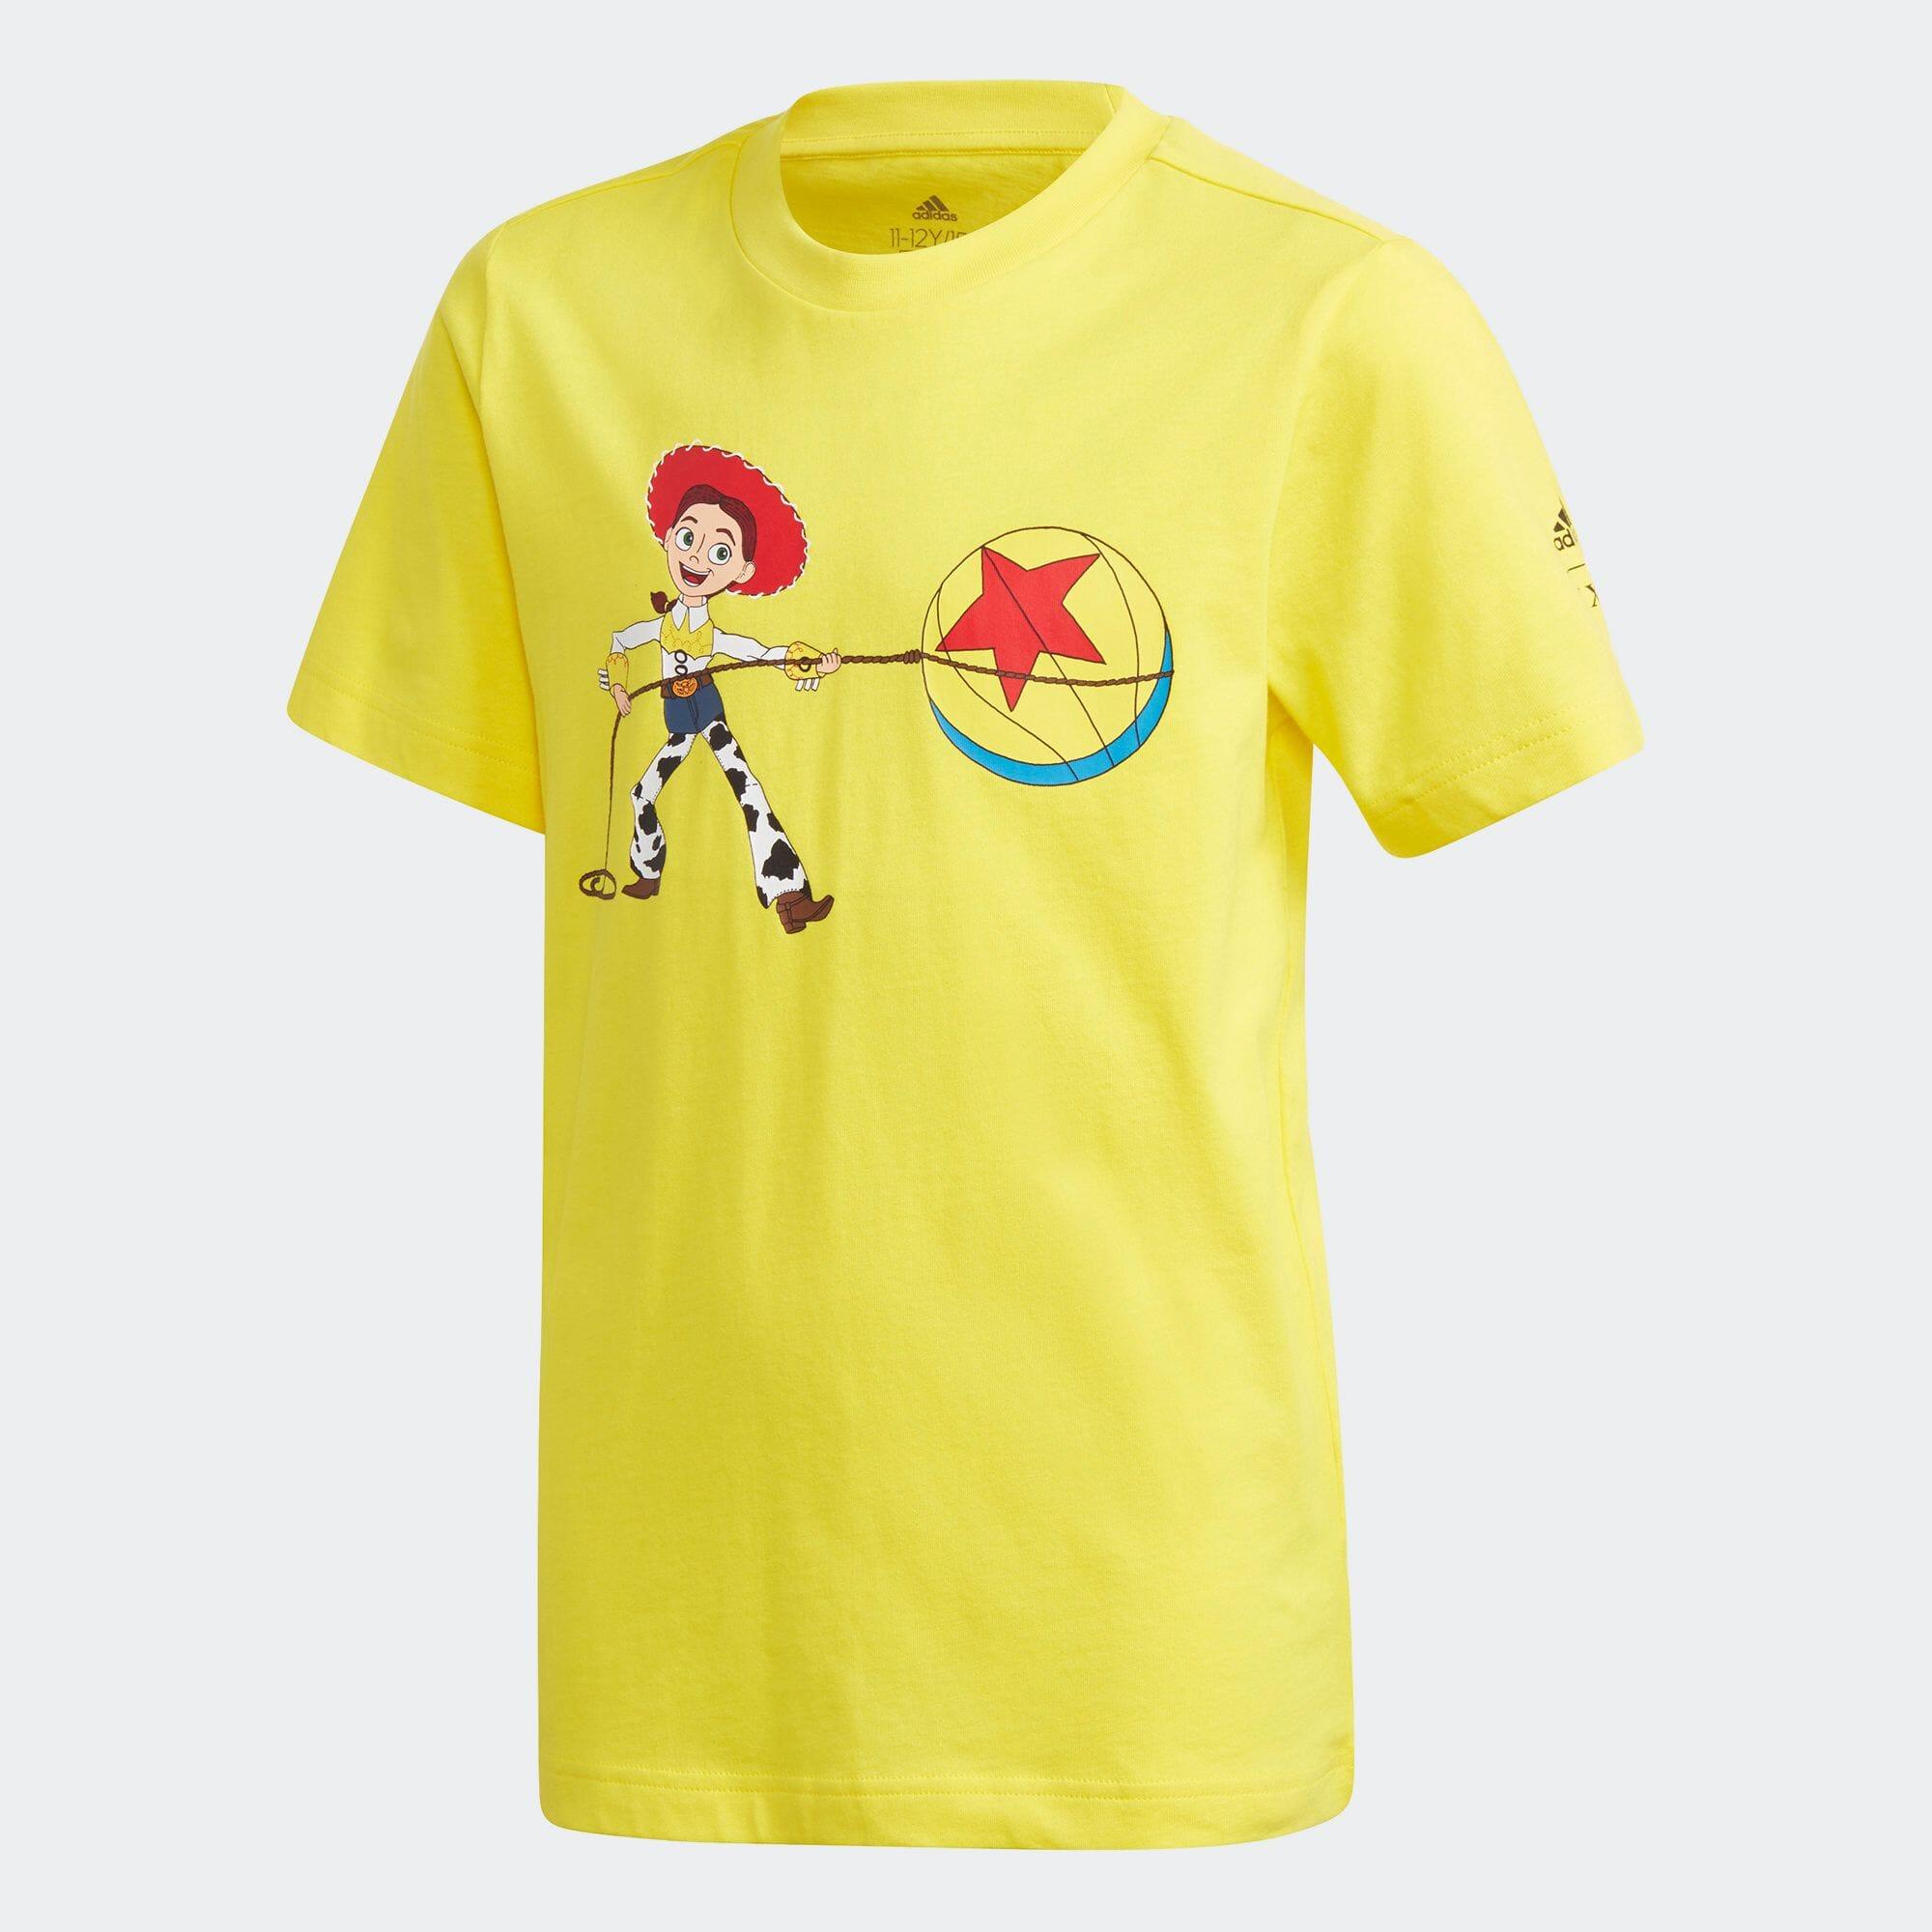 ジェシー × ルクソー バスケットボール トイ・ストーリーTシャツ / Jessie × Luxo Basketball Toy Story Tee